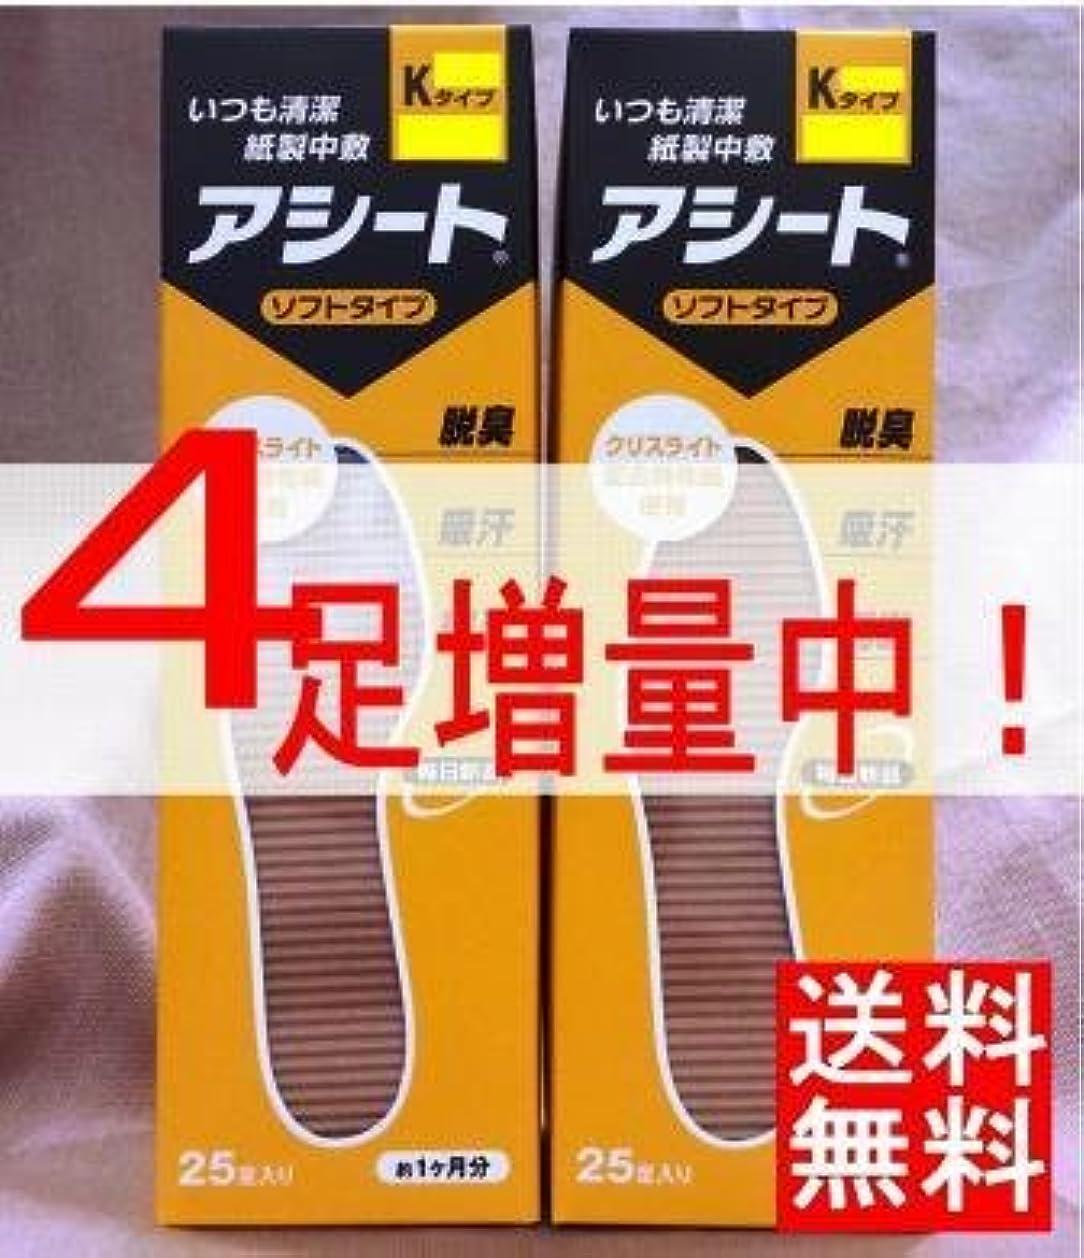 乗算コンクリート王位アシートKタイプ(サイズ26㎝)25足入×2箱セット(4足増量中)